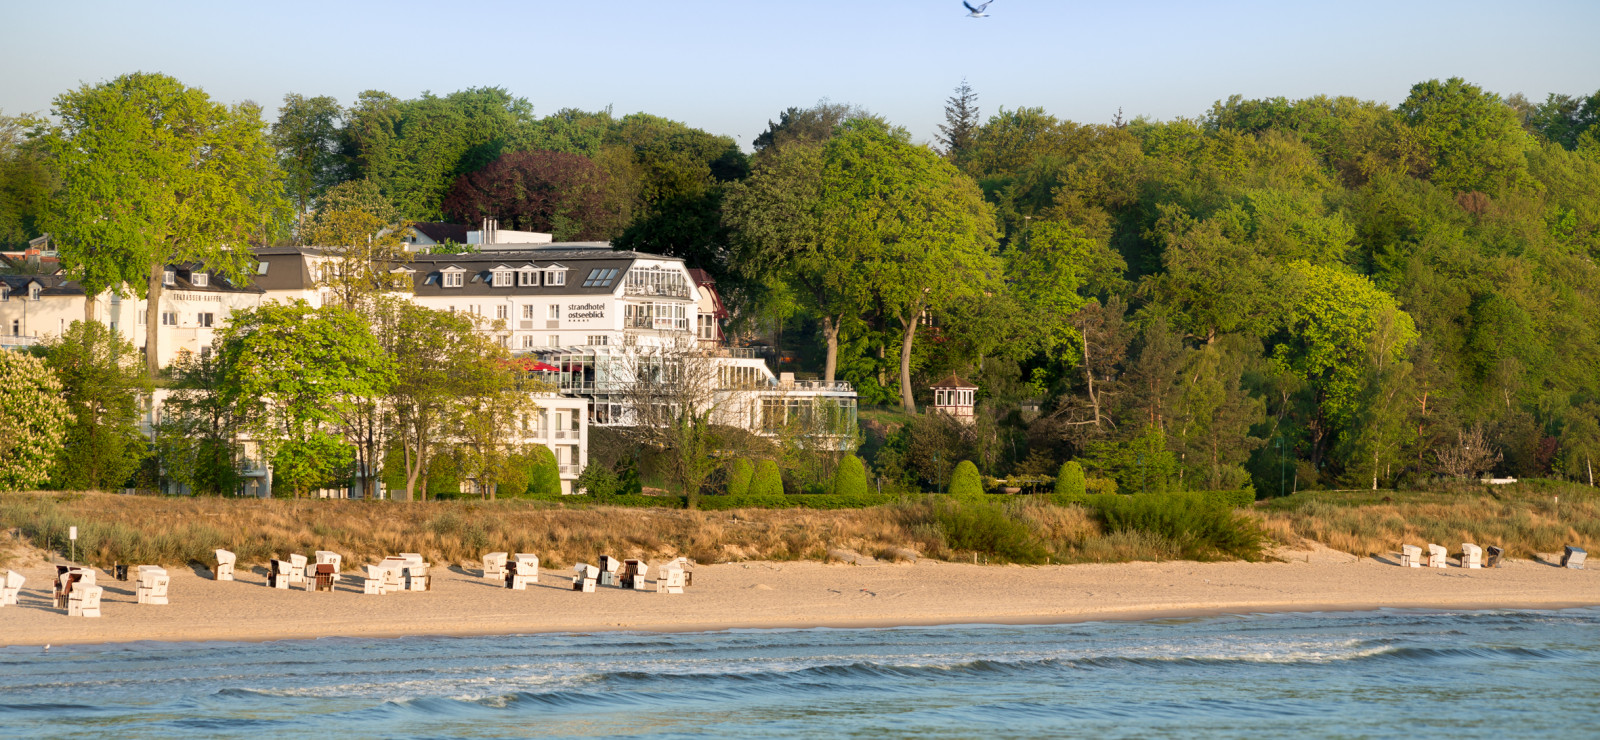 Strandhotel Ostseeblick Bilder | Bild 1